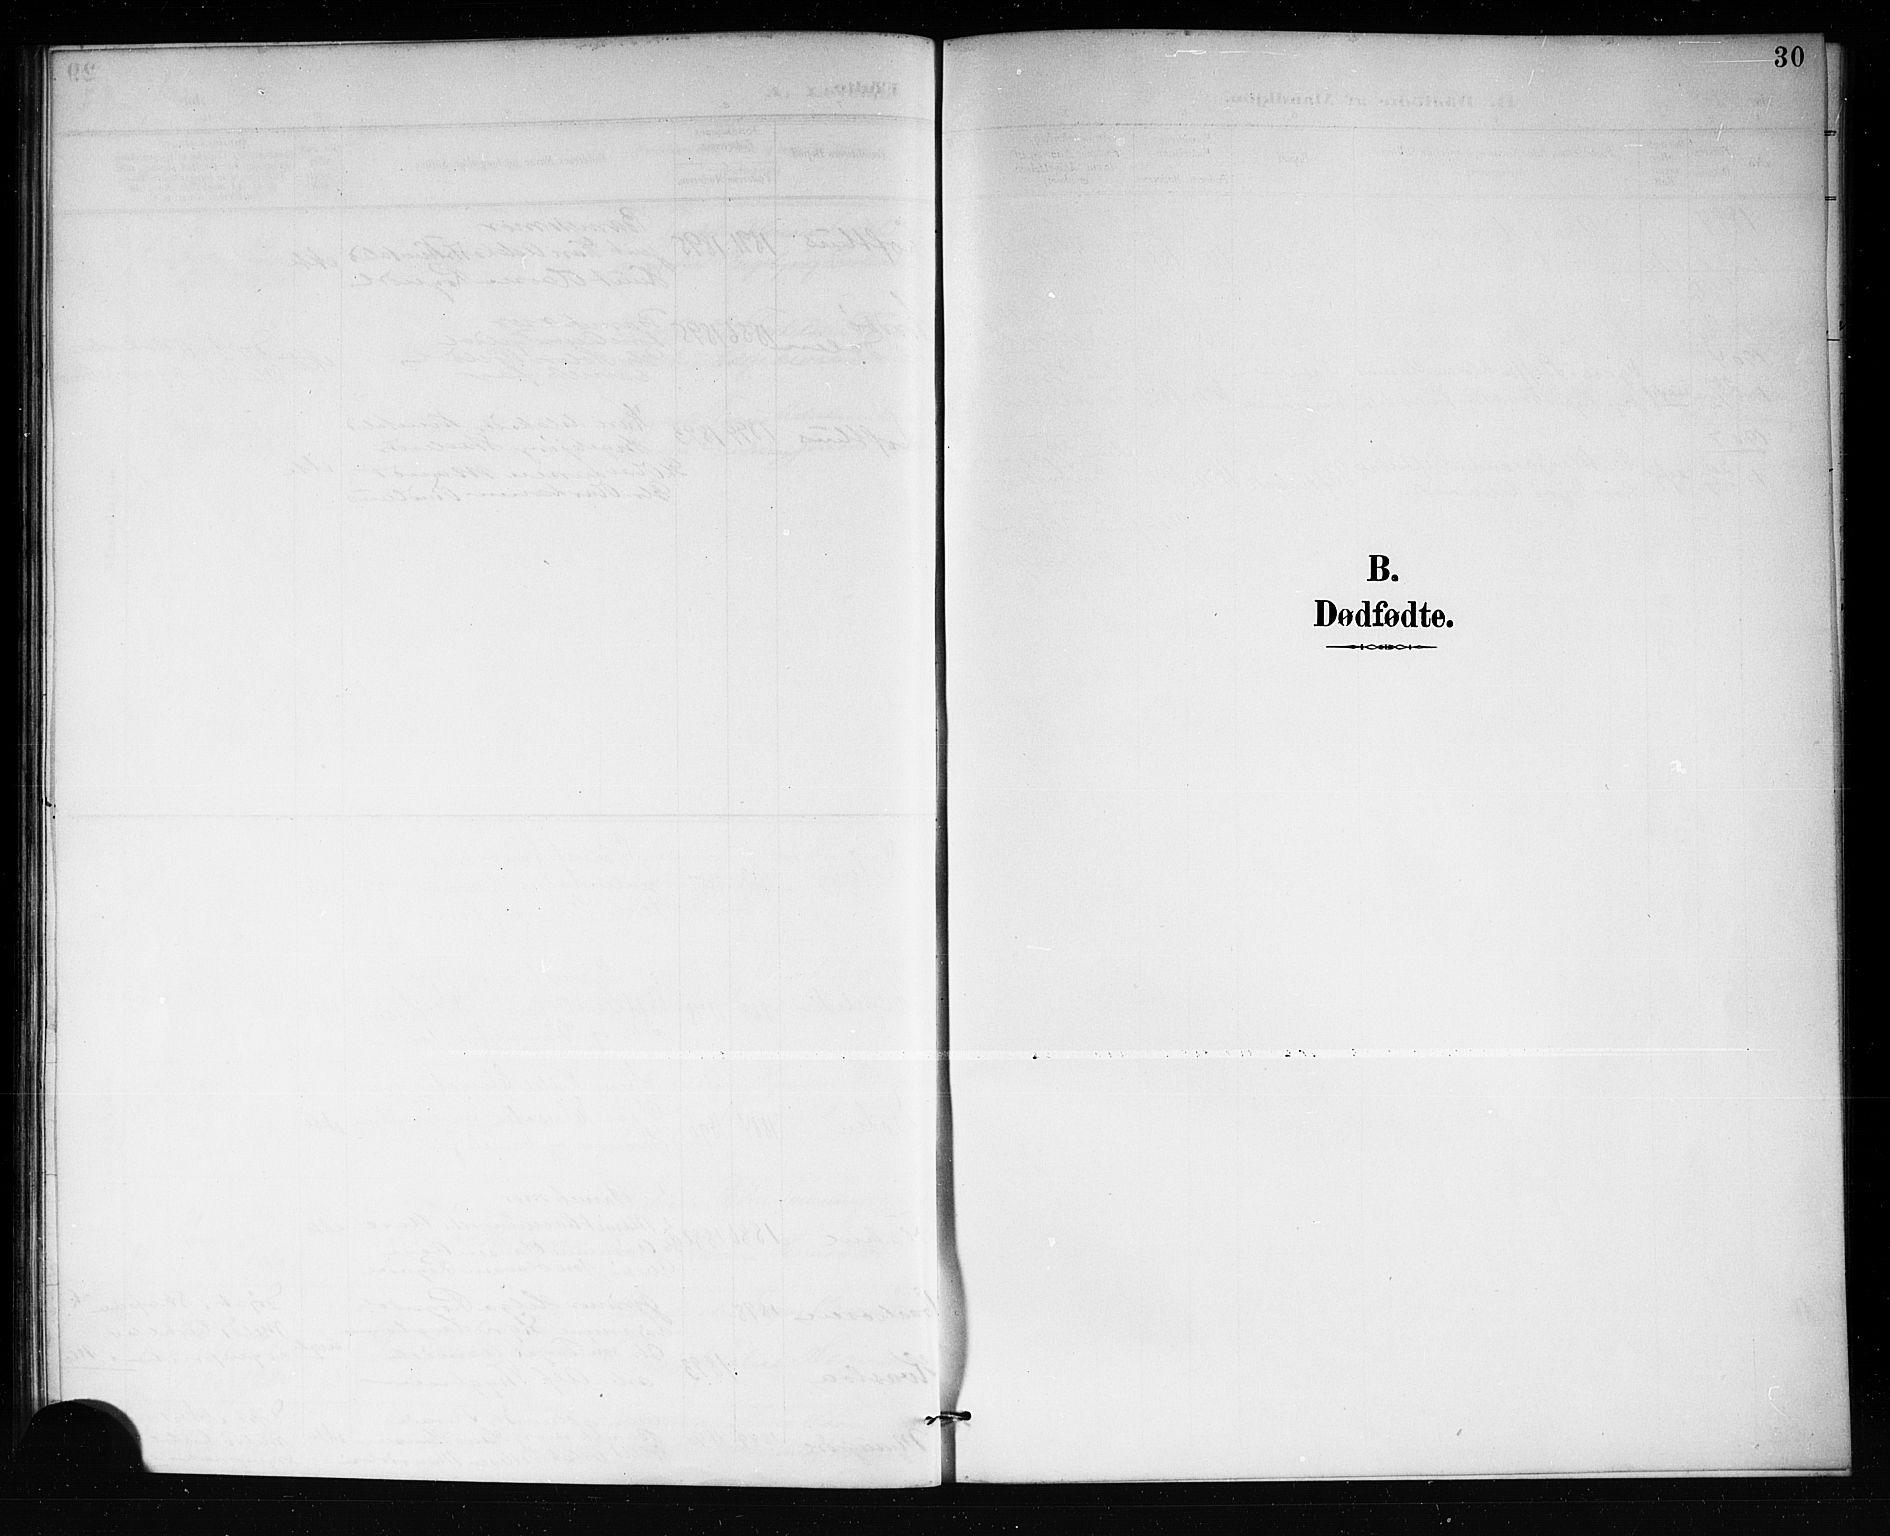 SAKO, Lårdal kirkebøker, G/Gb/L0003: Parish register (copy) no. II 3, 1889-1920, p. 30